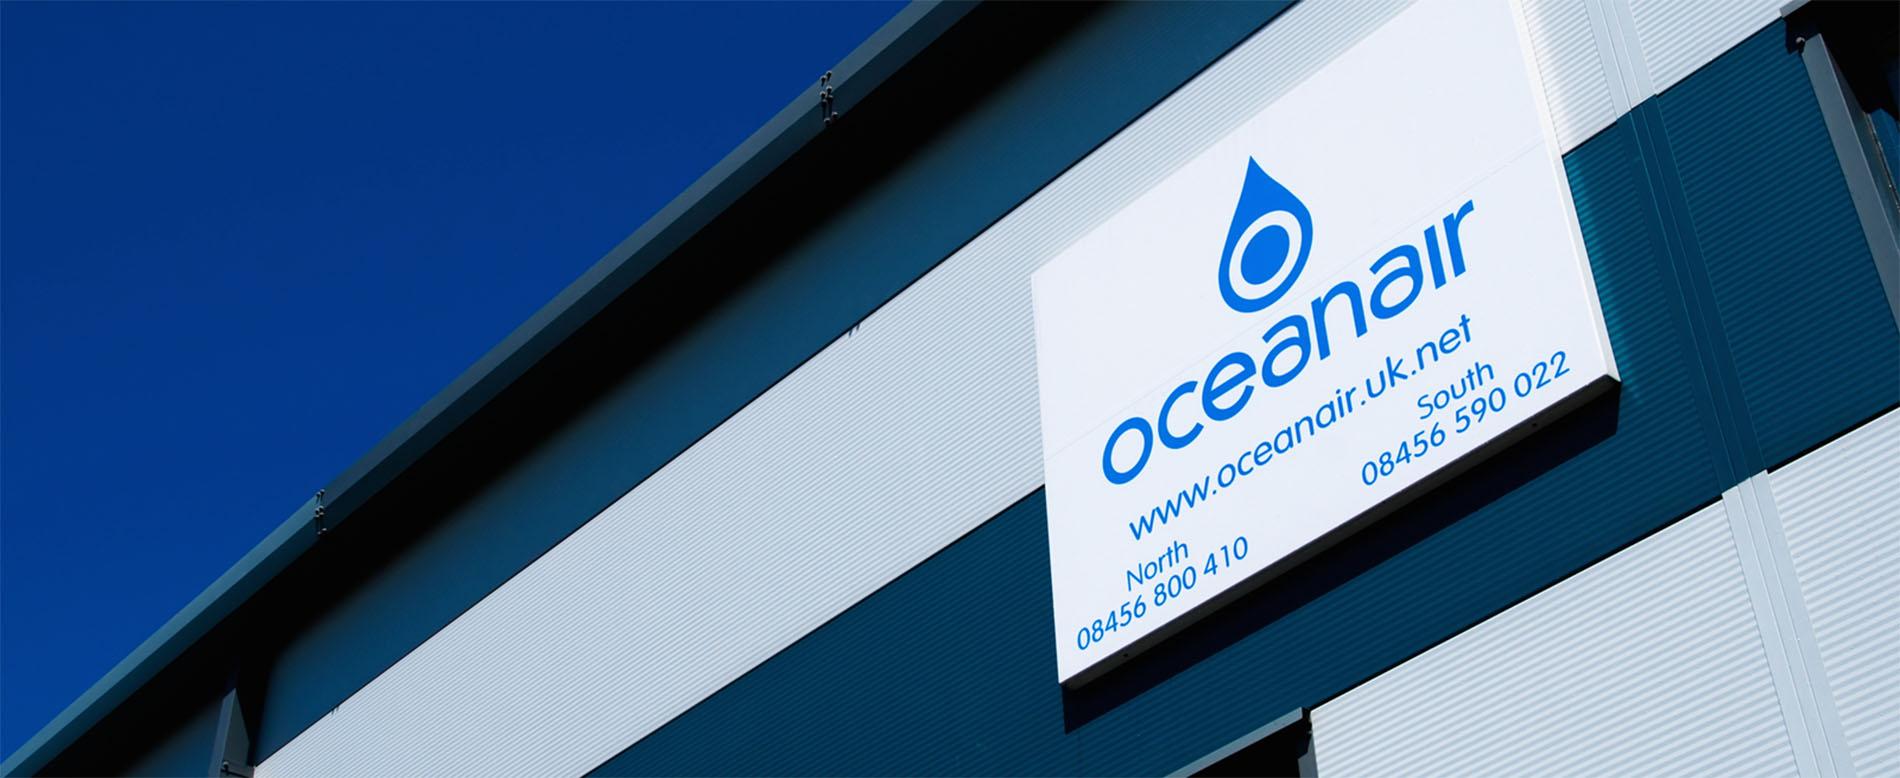 Oceanair Front